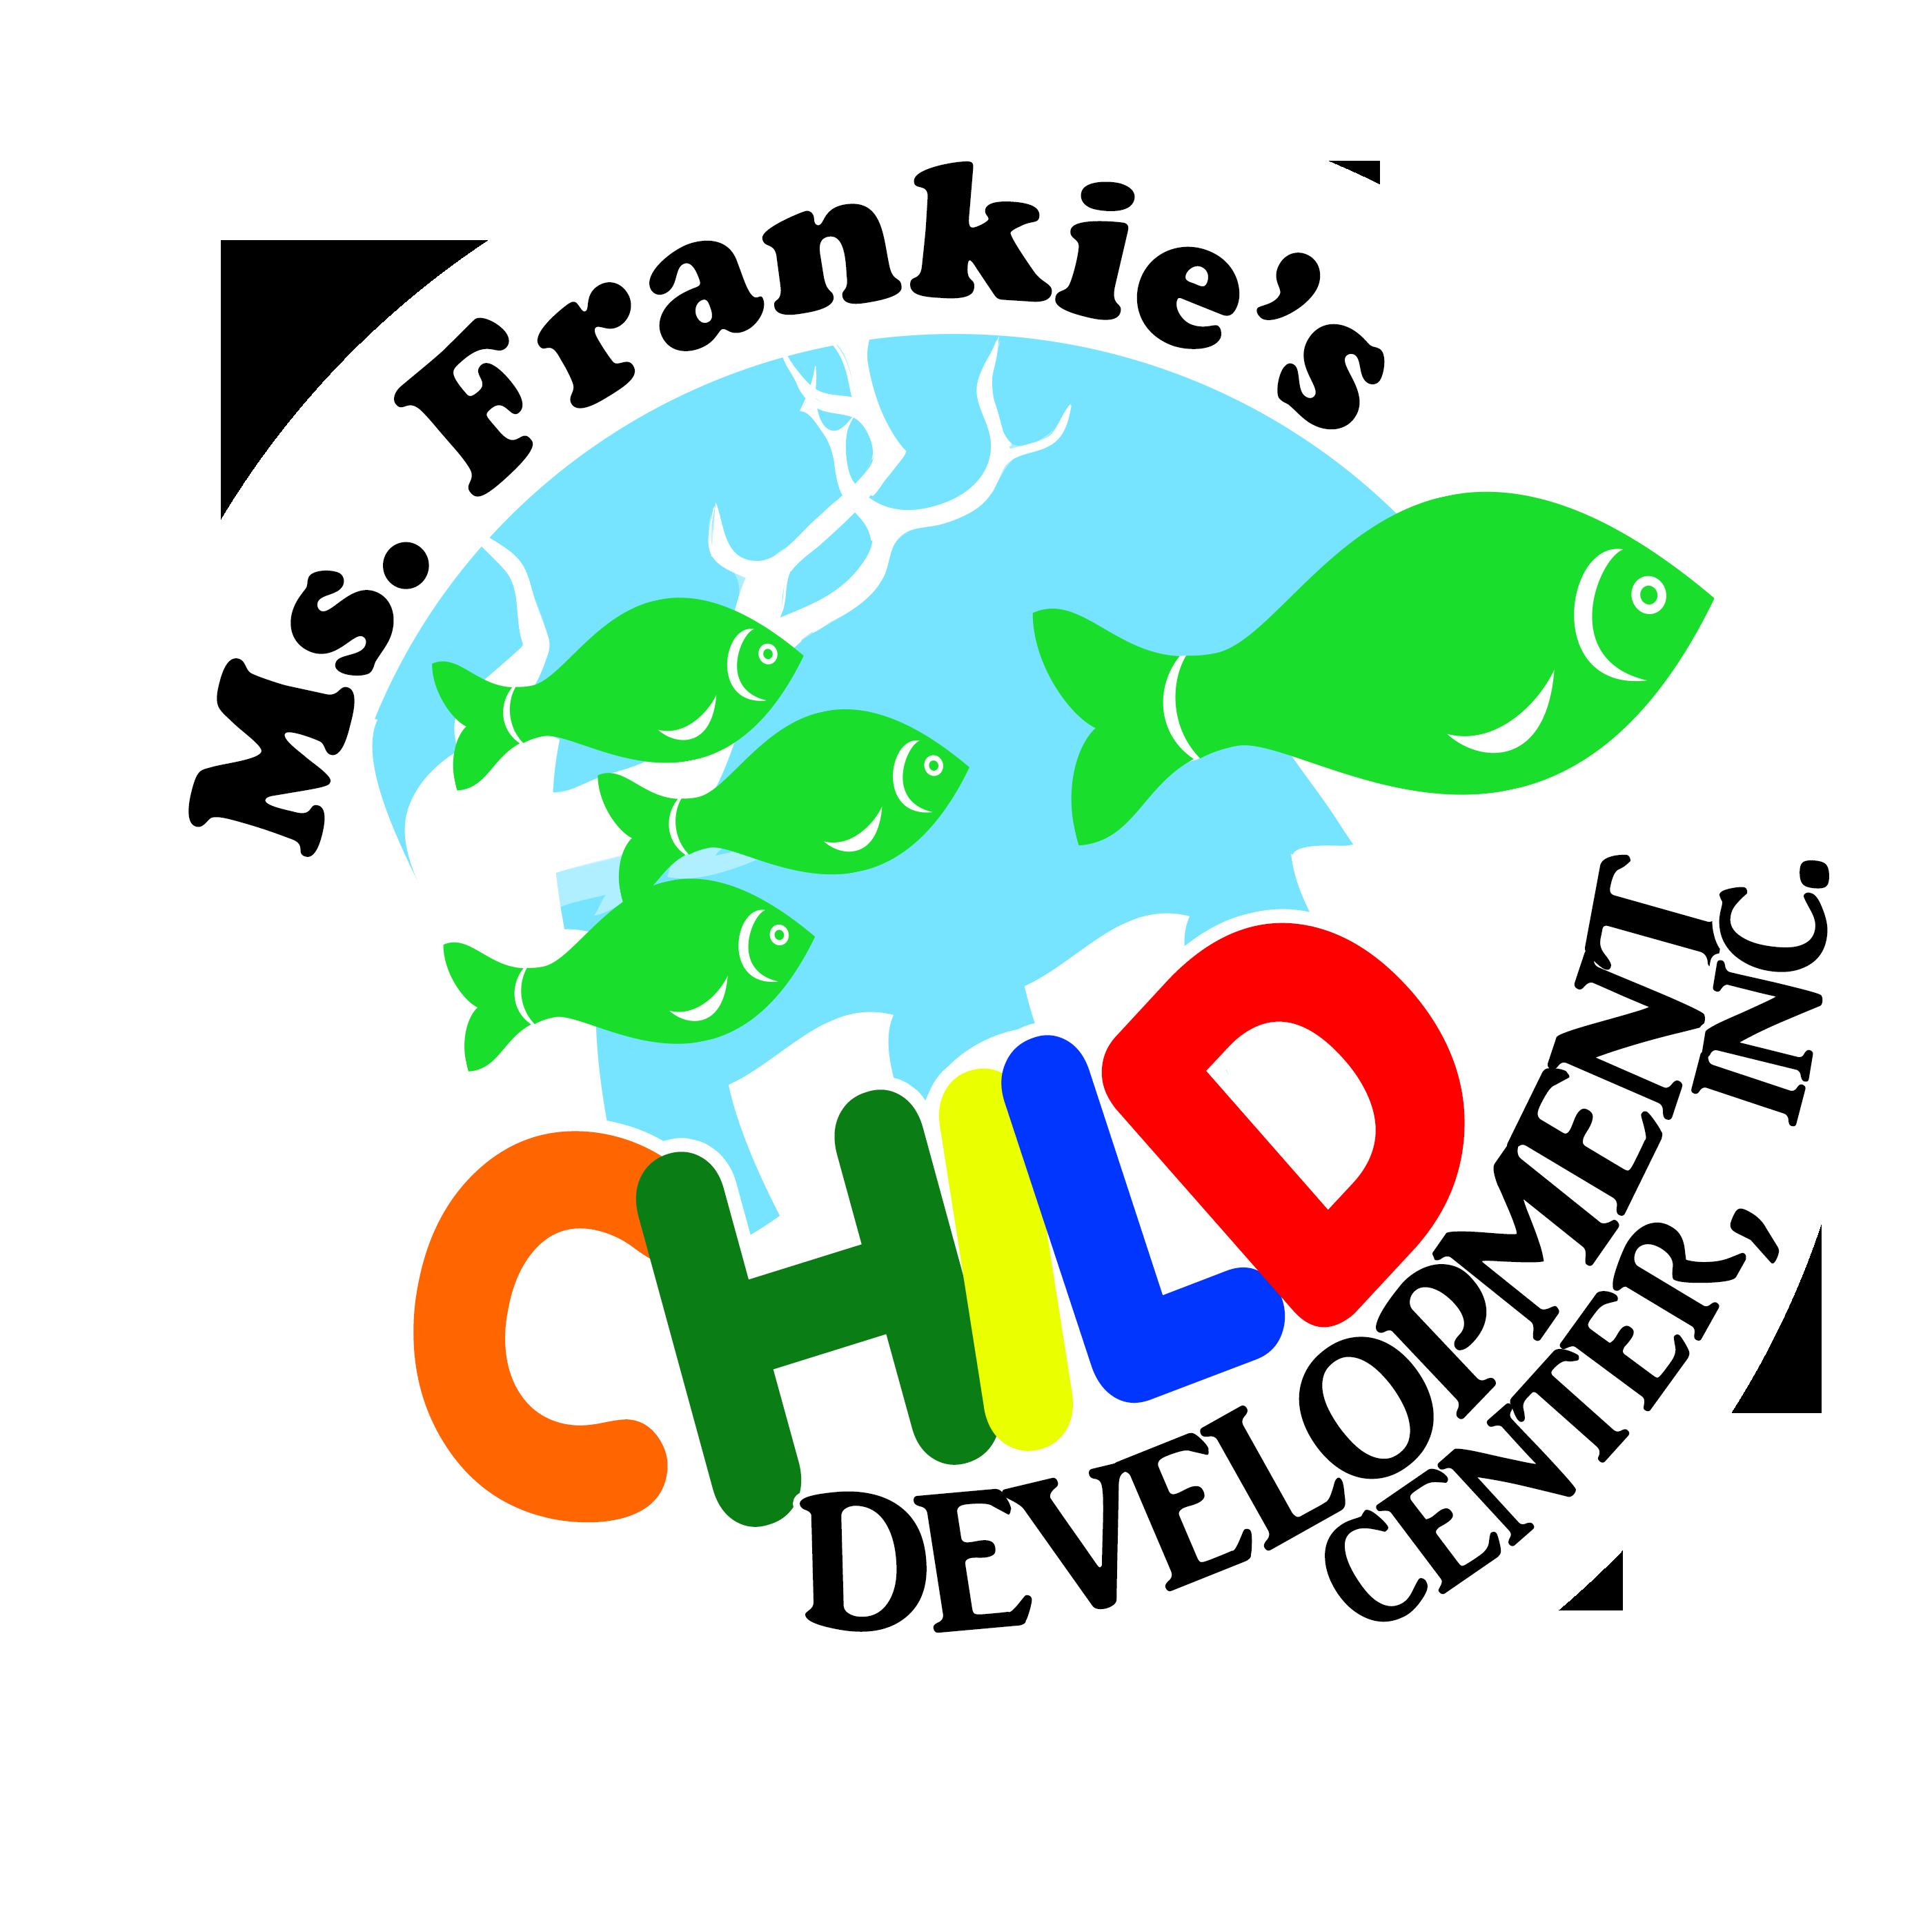 MsFrankiesChildDayCare